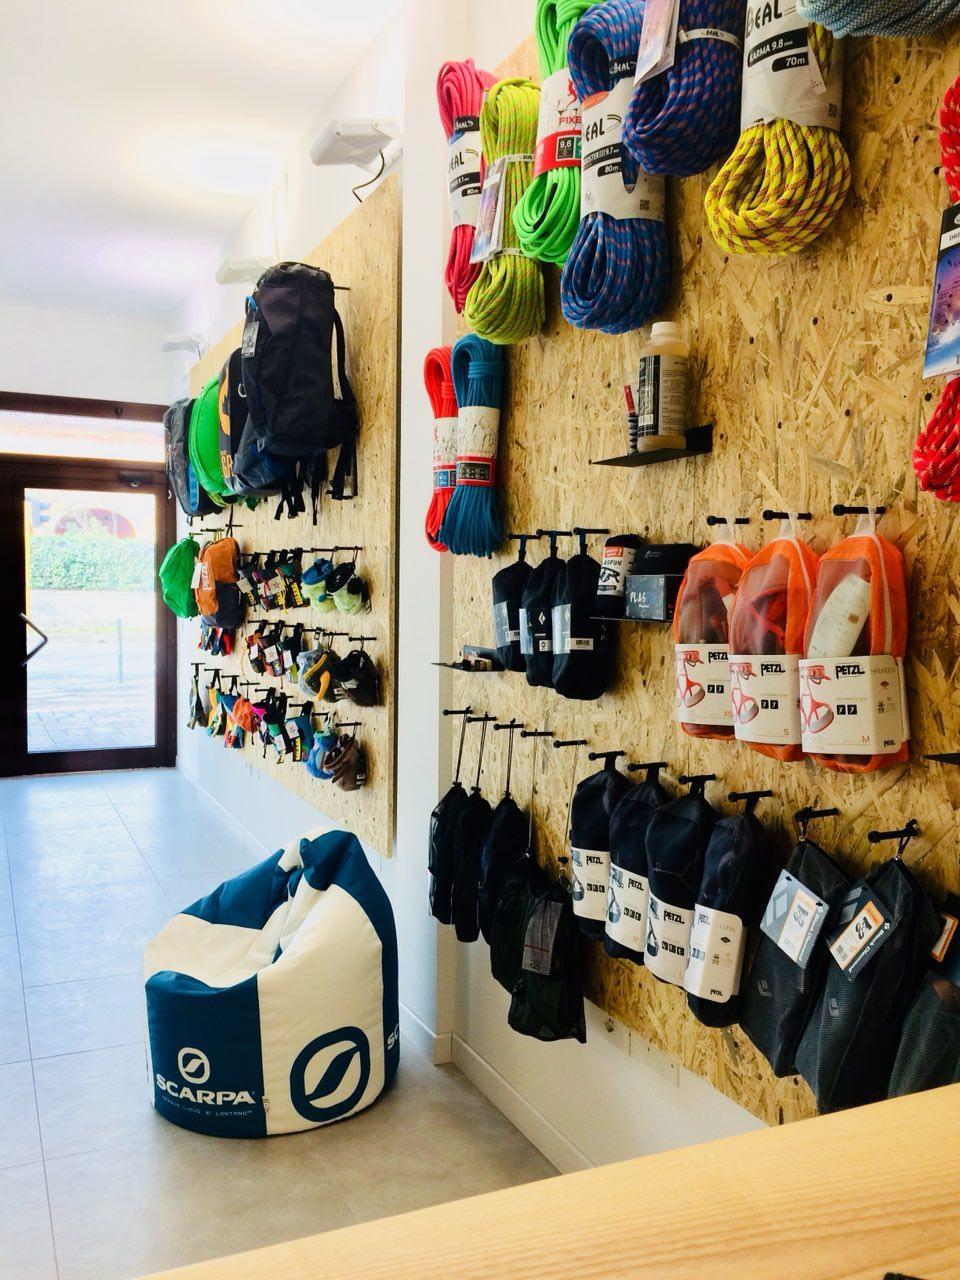 Oliunìd Shop Padova  nuovo negozio arrampicata d080e9c2e8ea